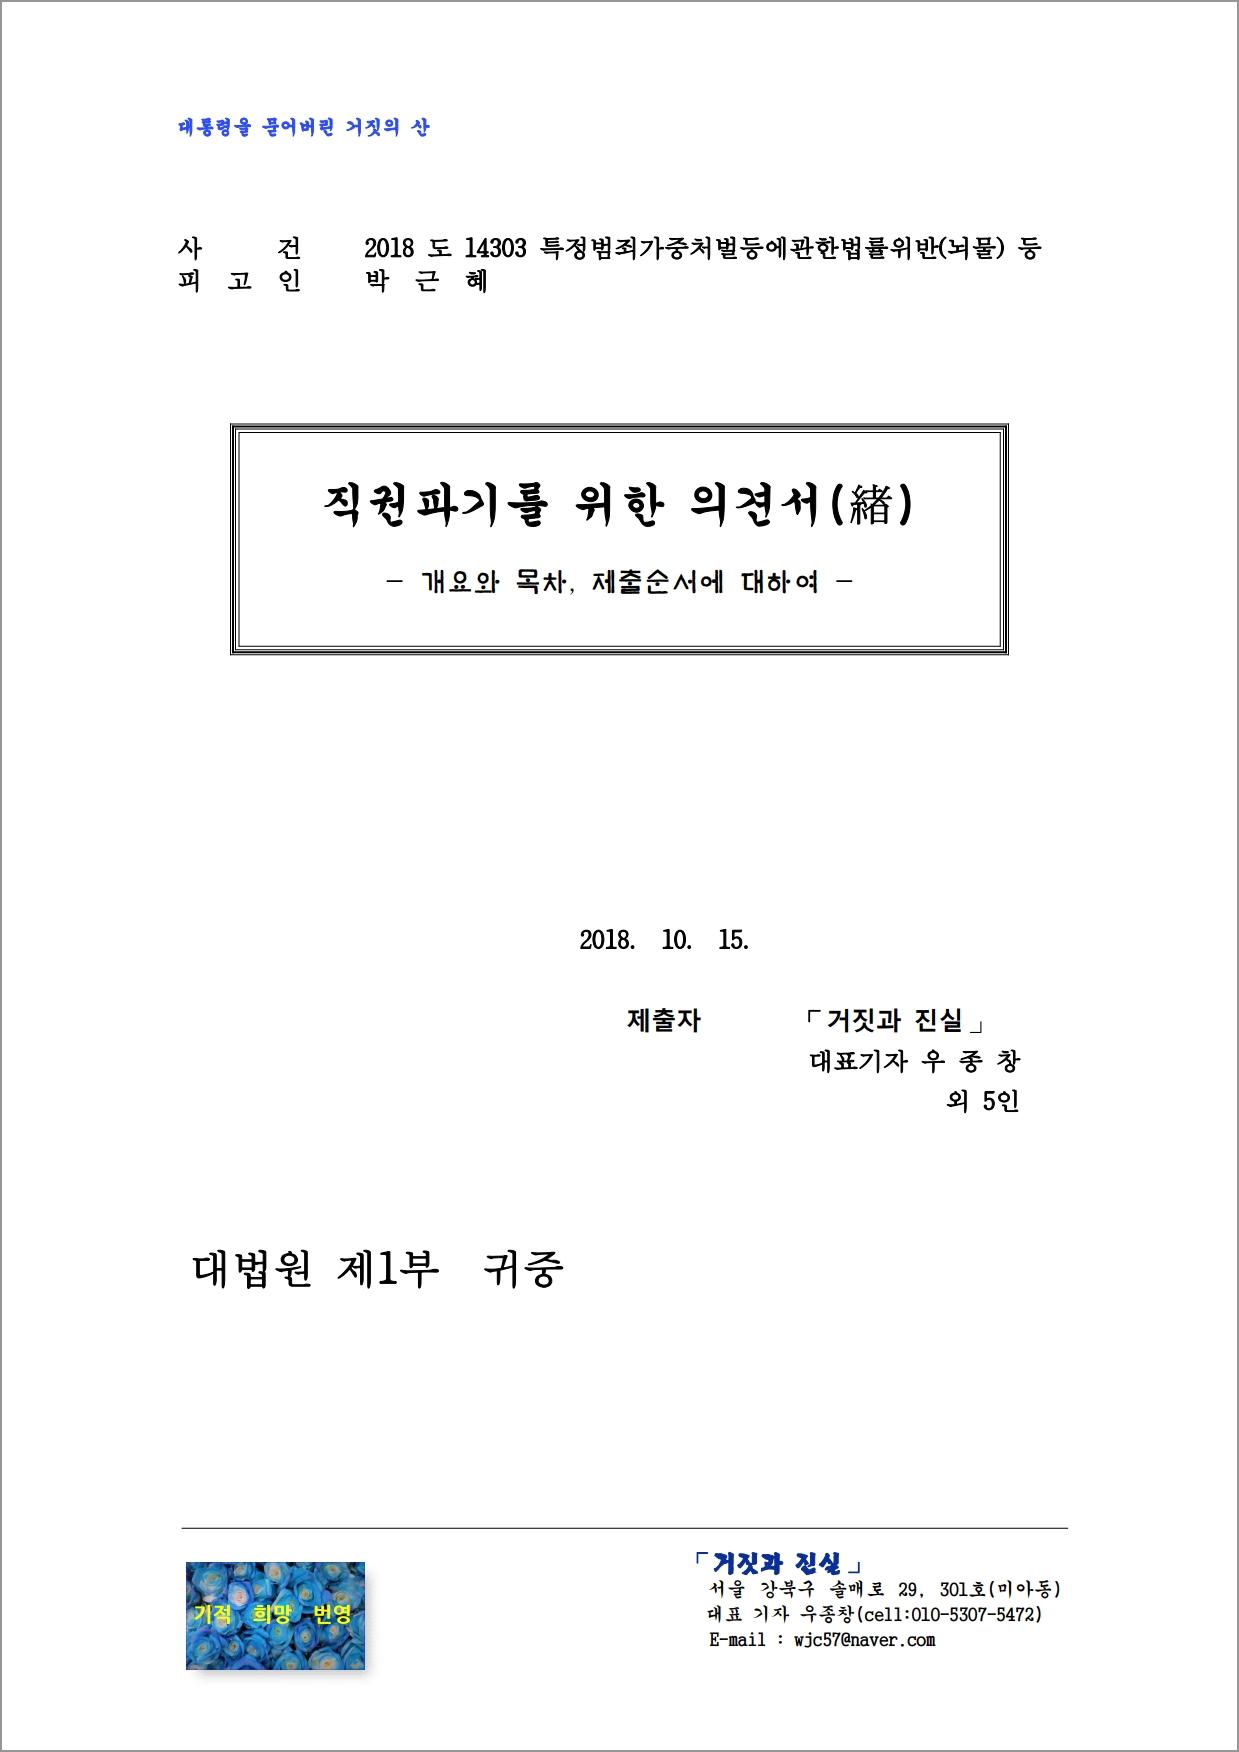 박근혜 대통령 사건-개요